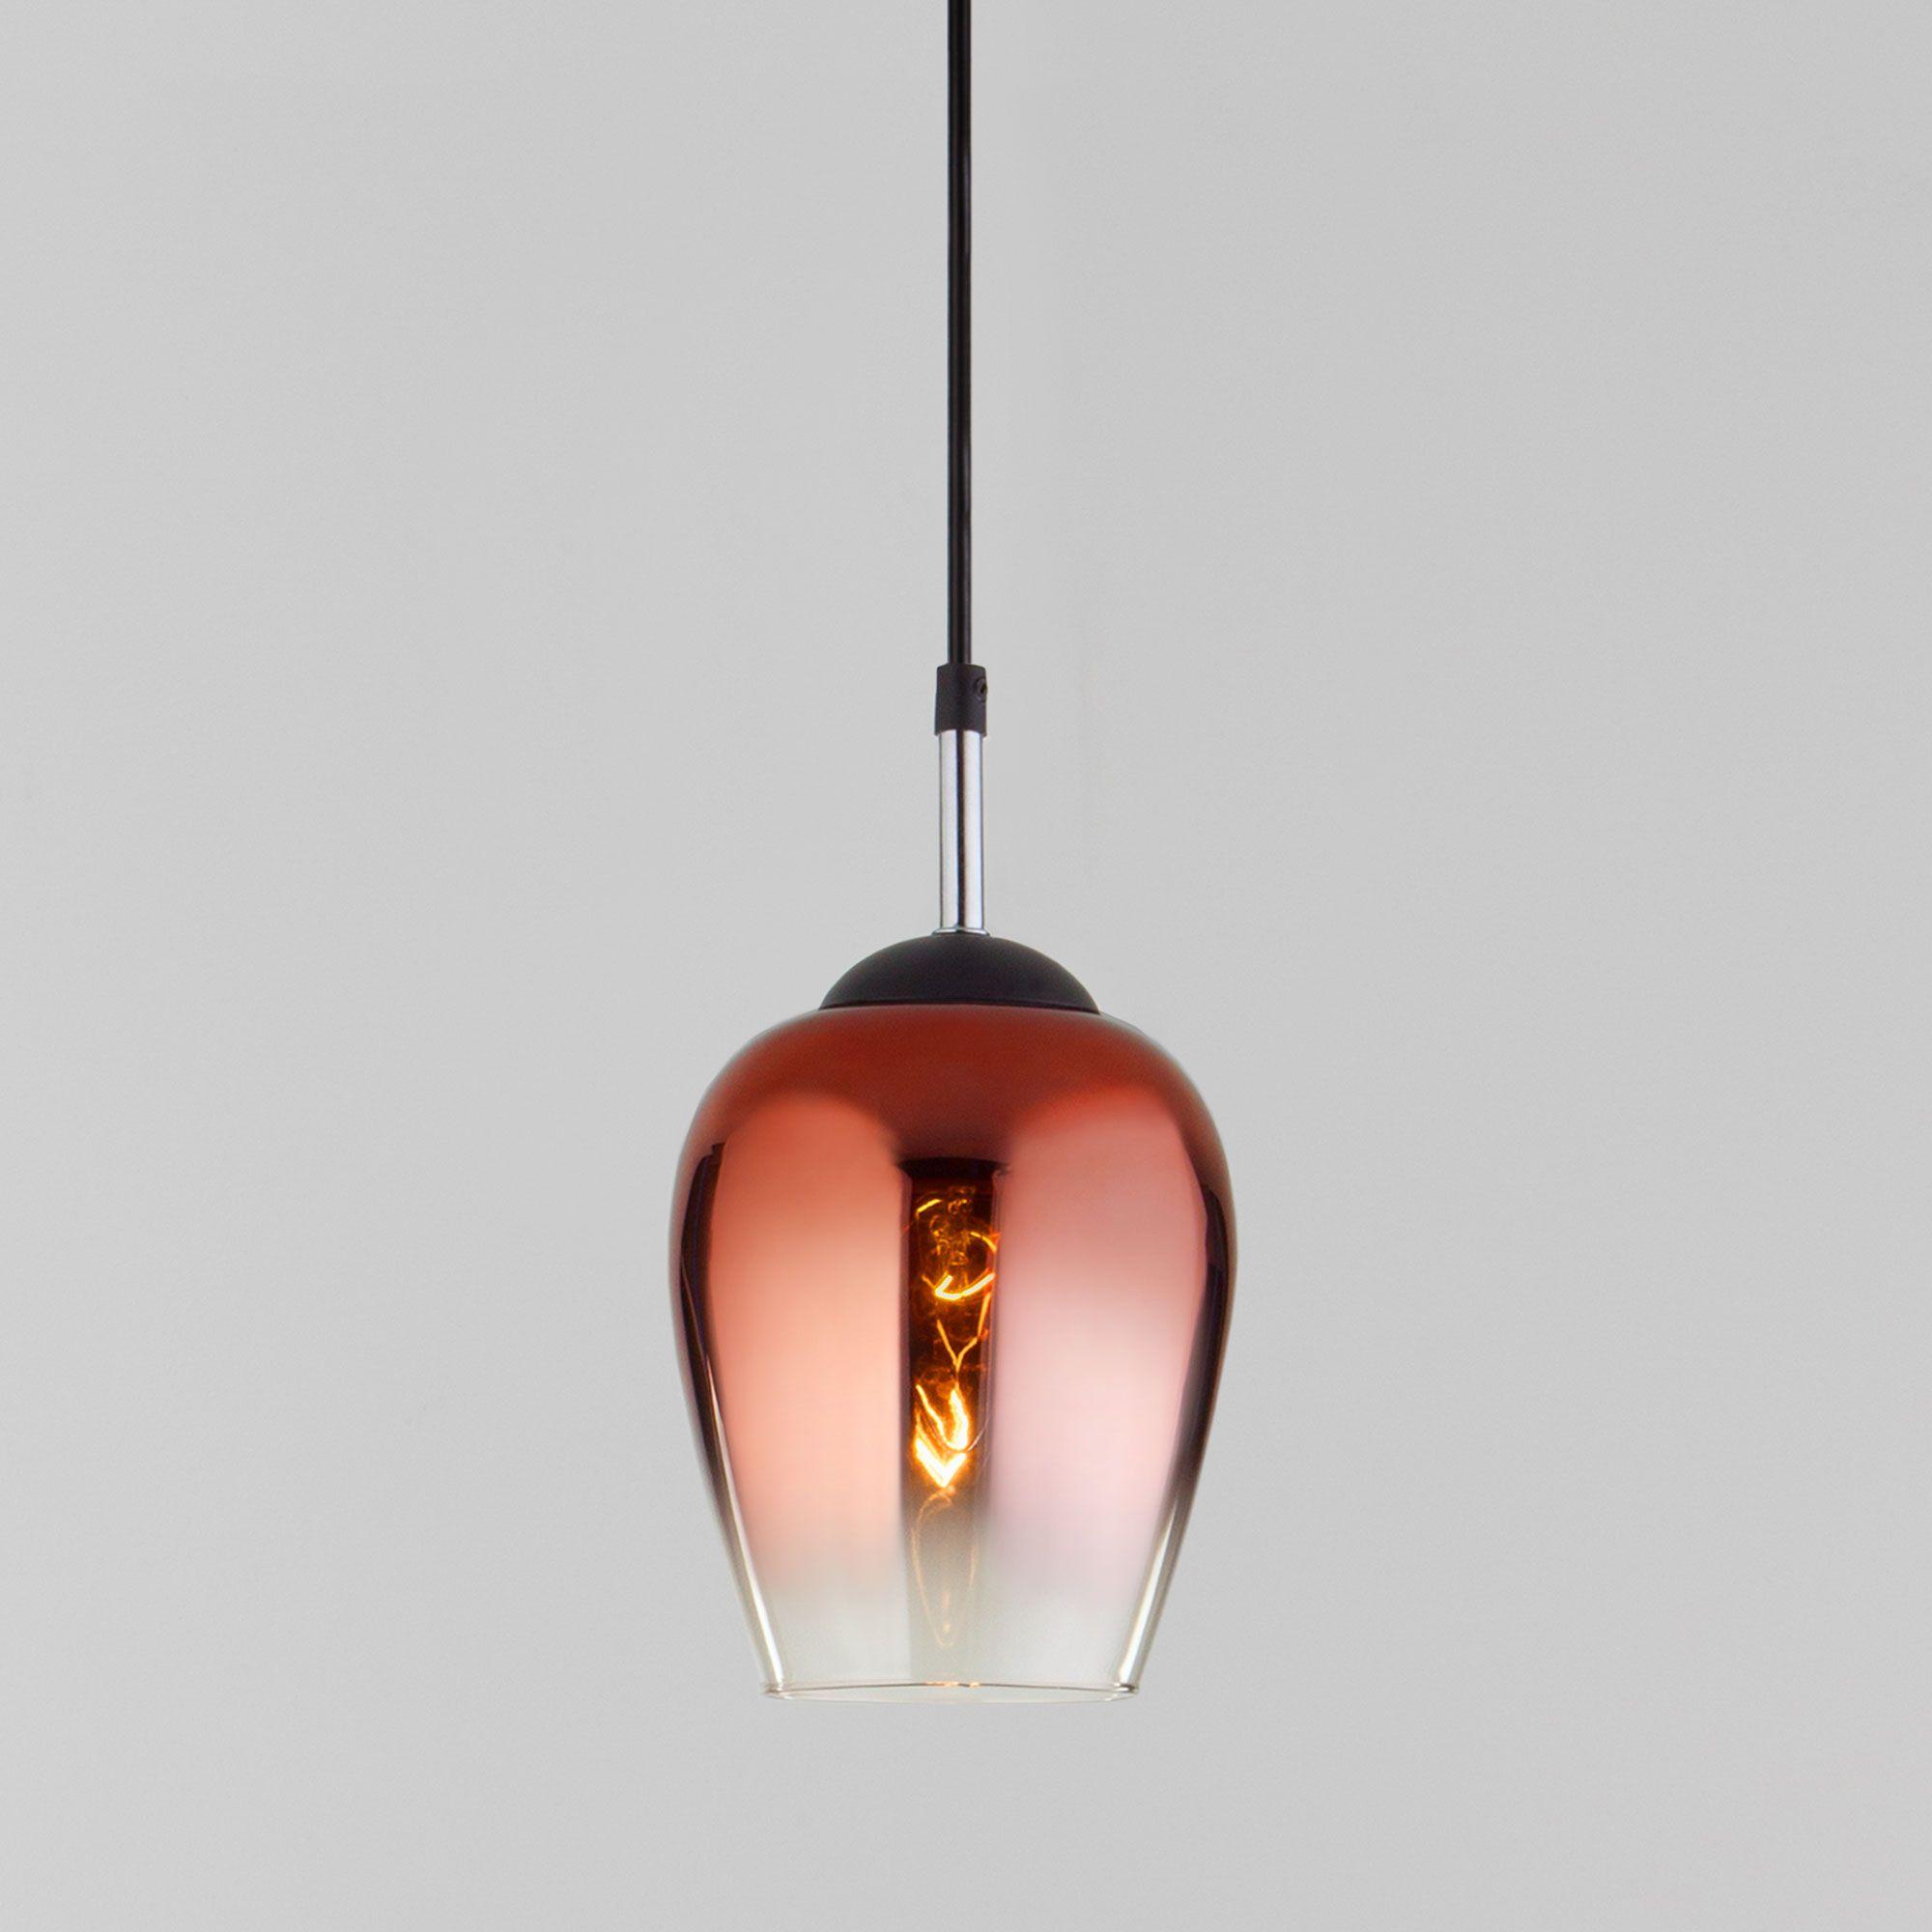 Подвесной светильник со стеклянным плафоном 50086/1 медь